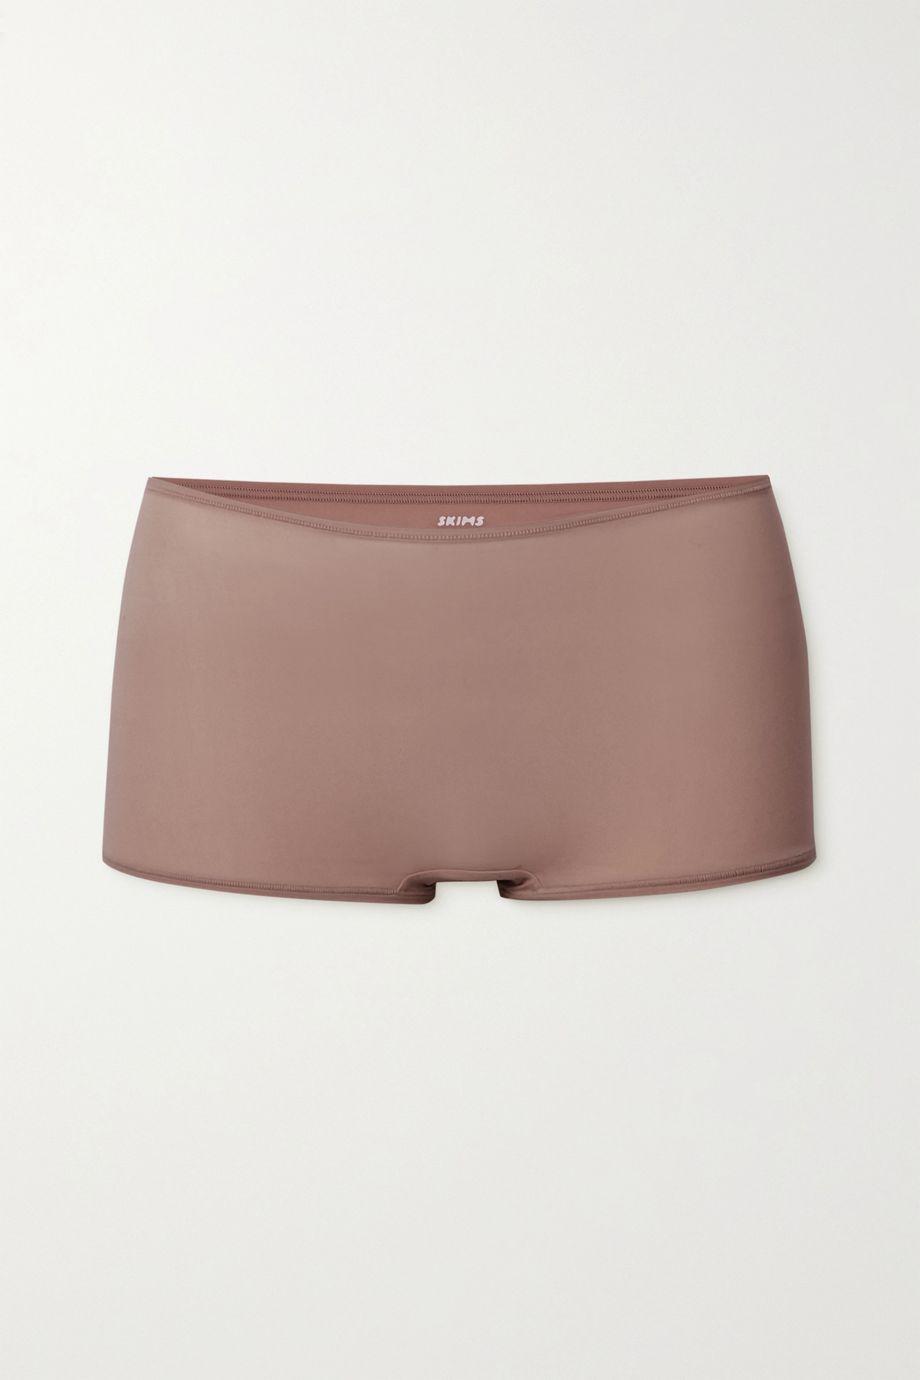 SKIMS Fits Everybody boy shorts